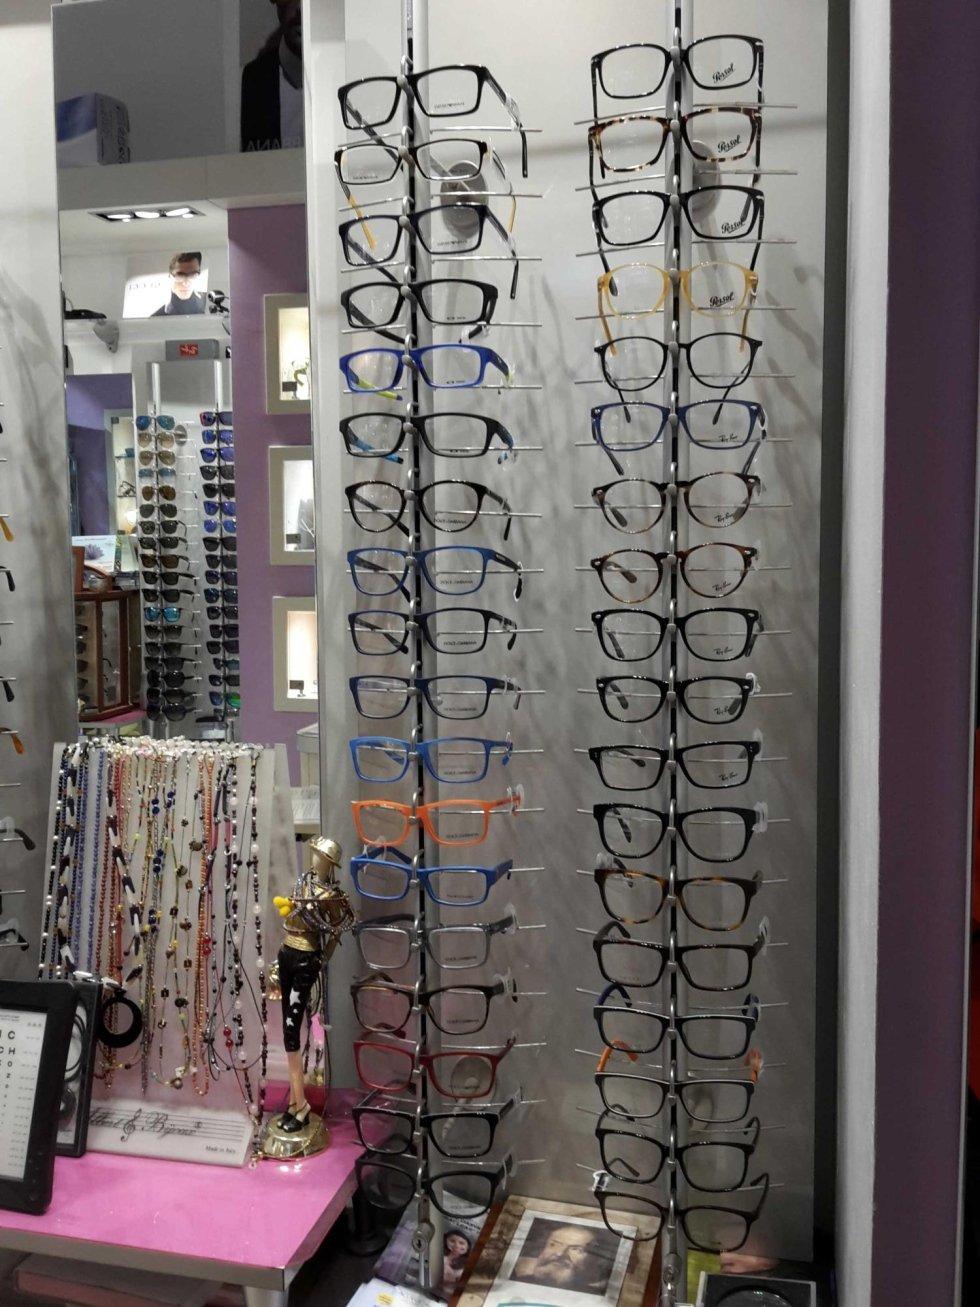 Ampia selezione di occhiali da vista esposta in un negozio di ottica